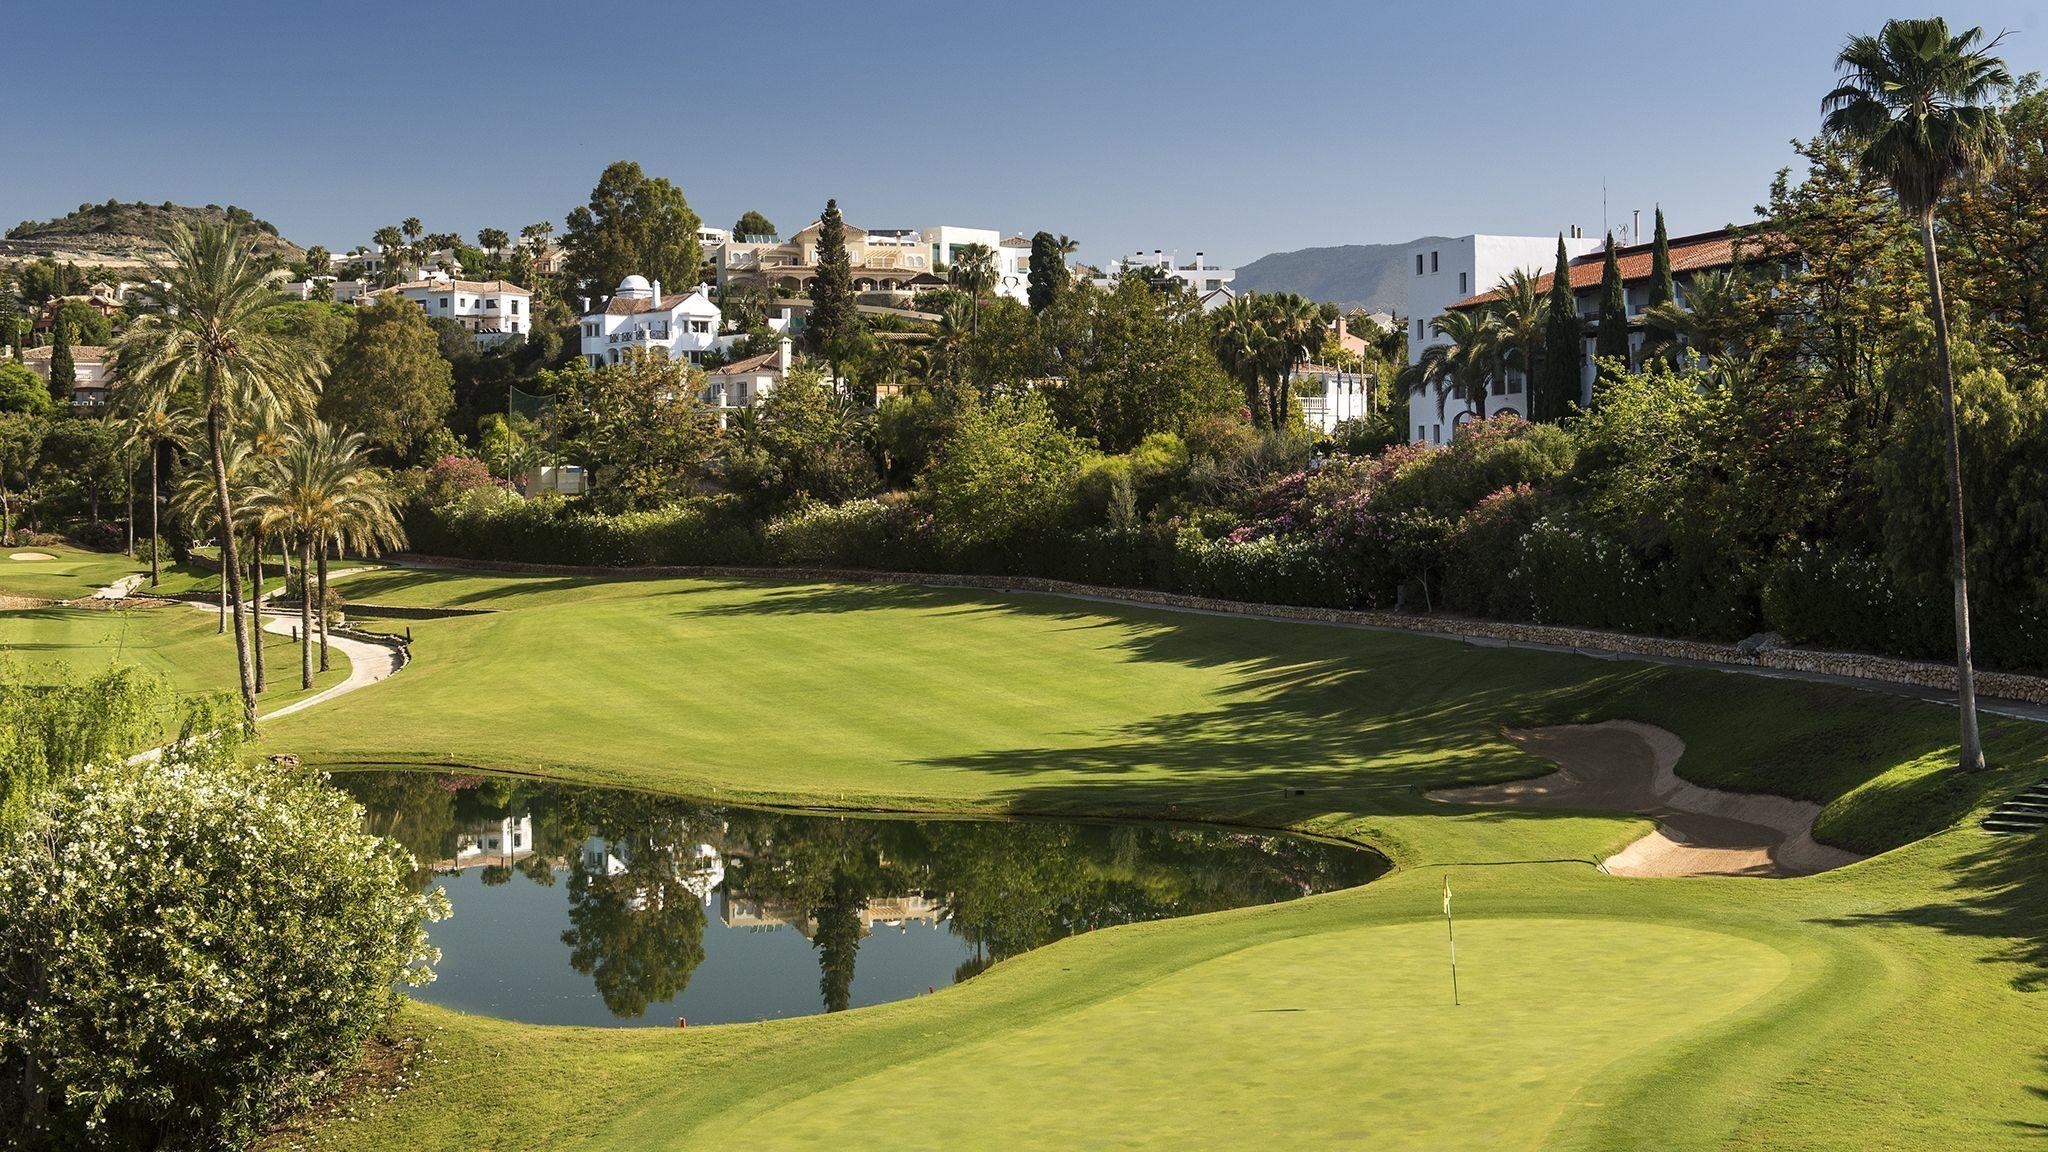 La Quinta Golf & Country Club Marbella